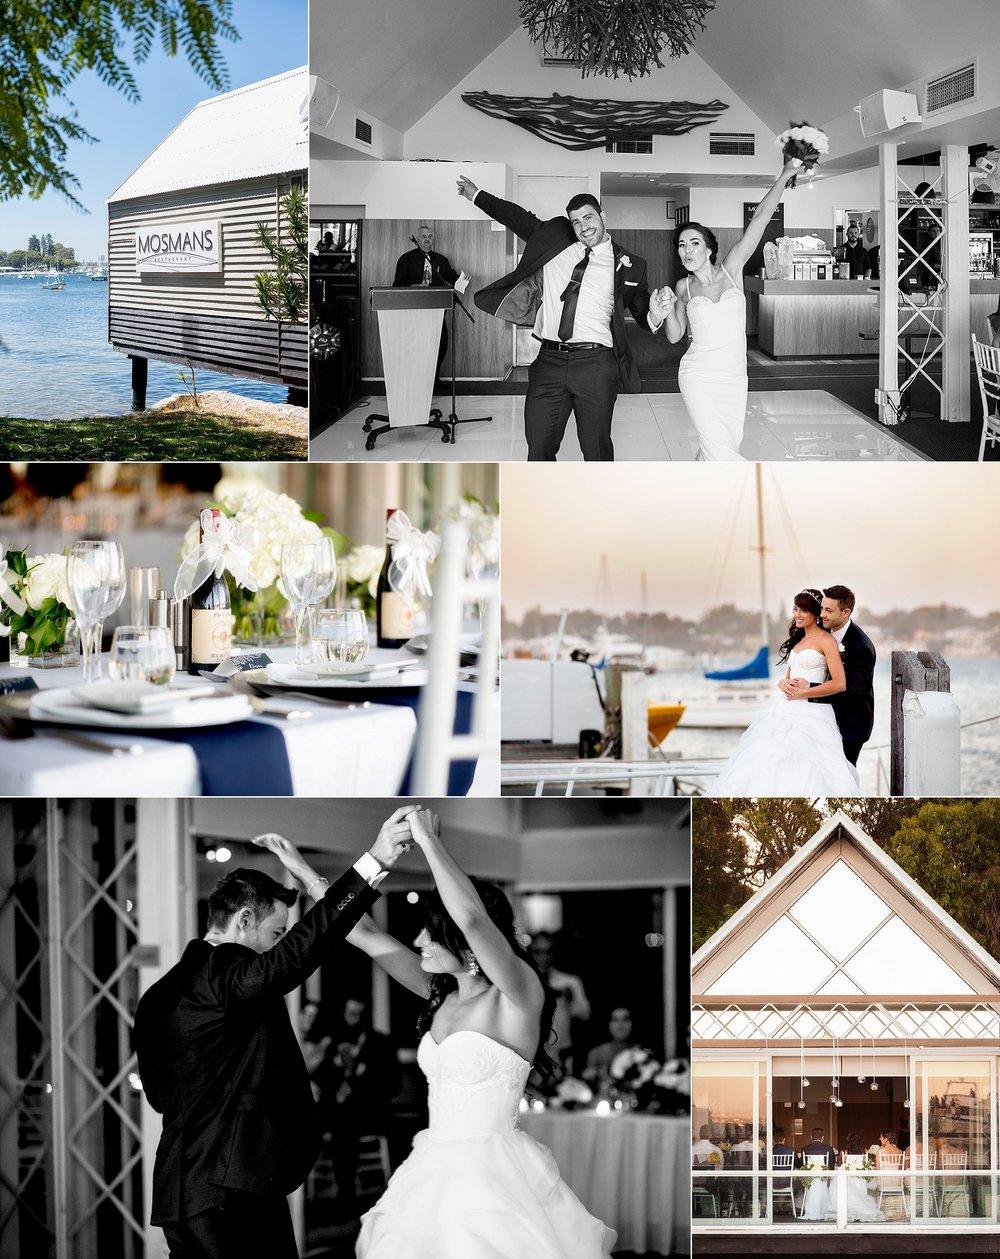 04_mosmans wedding perth.jpg